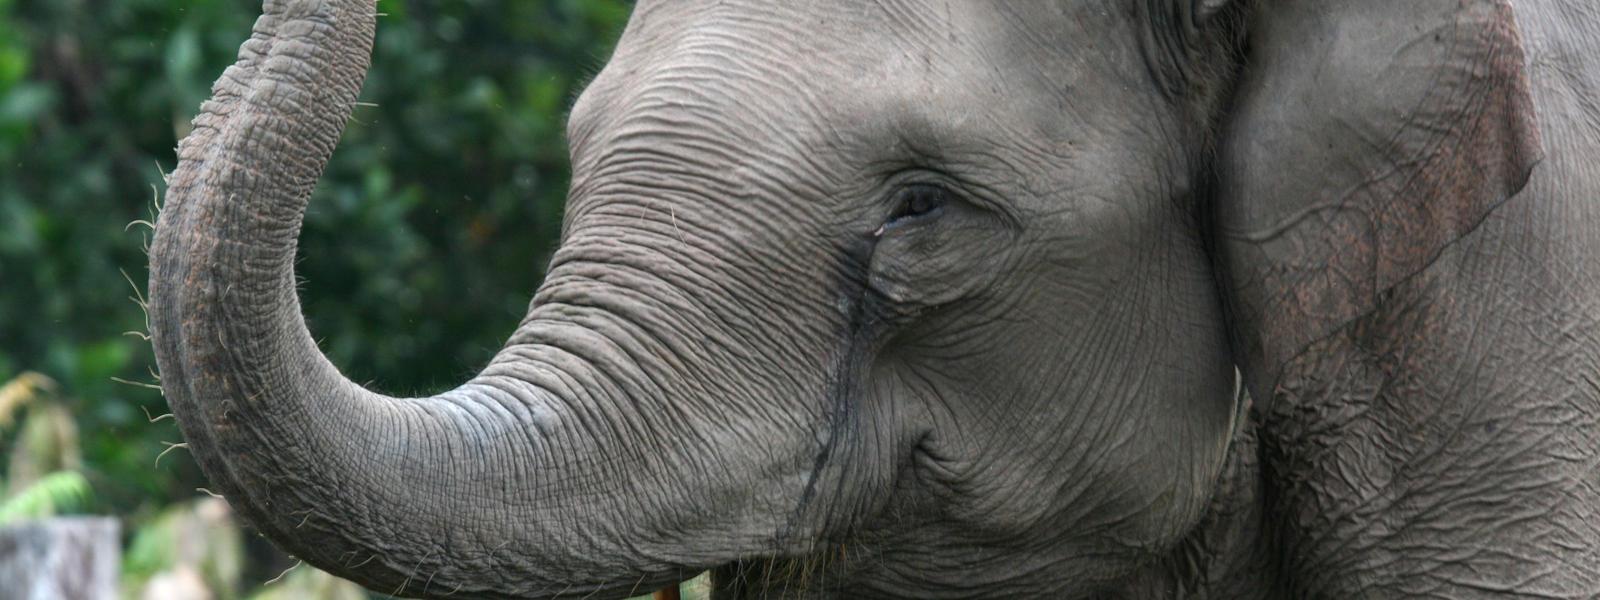 Elephant Species Wwf